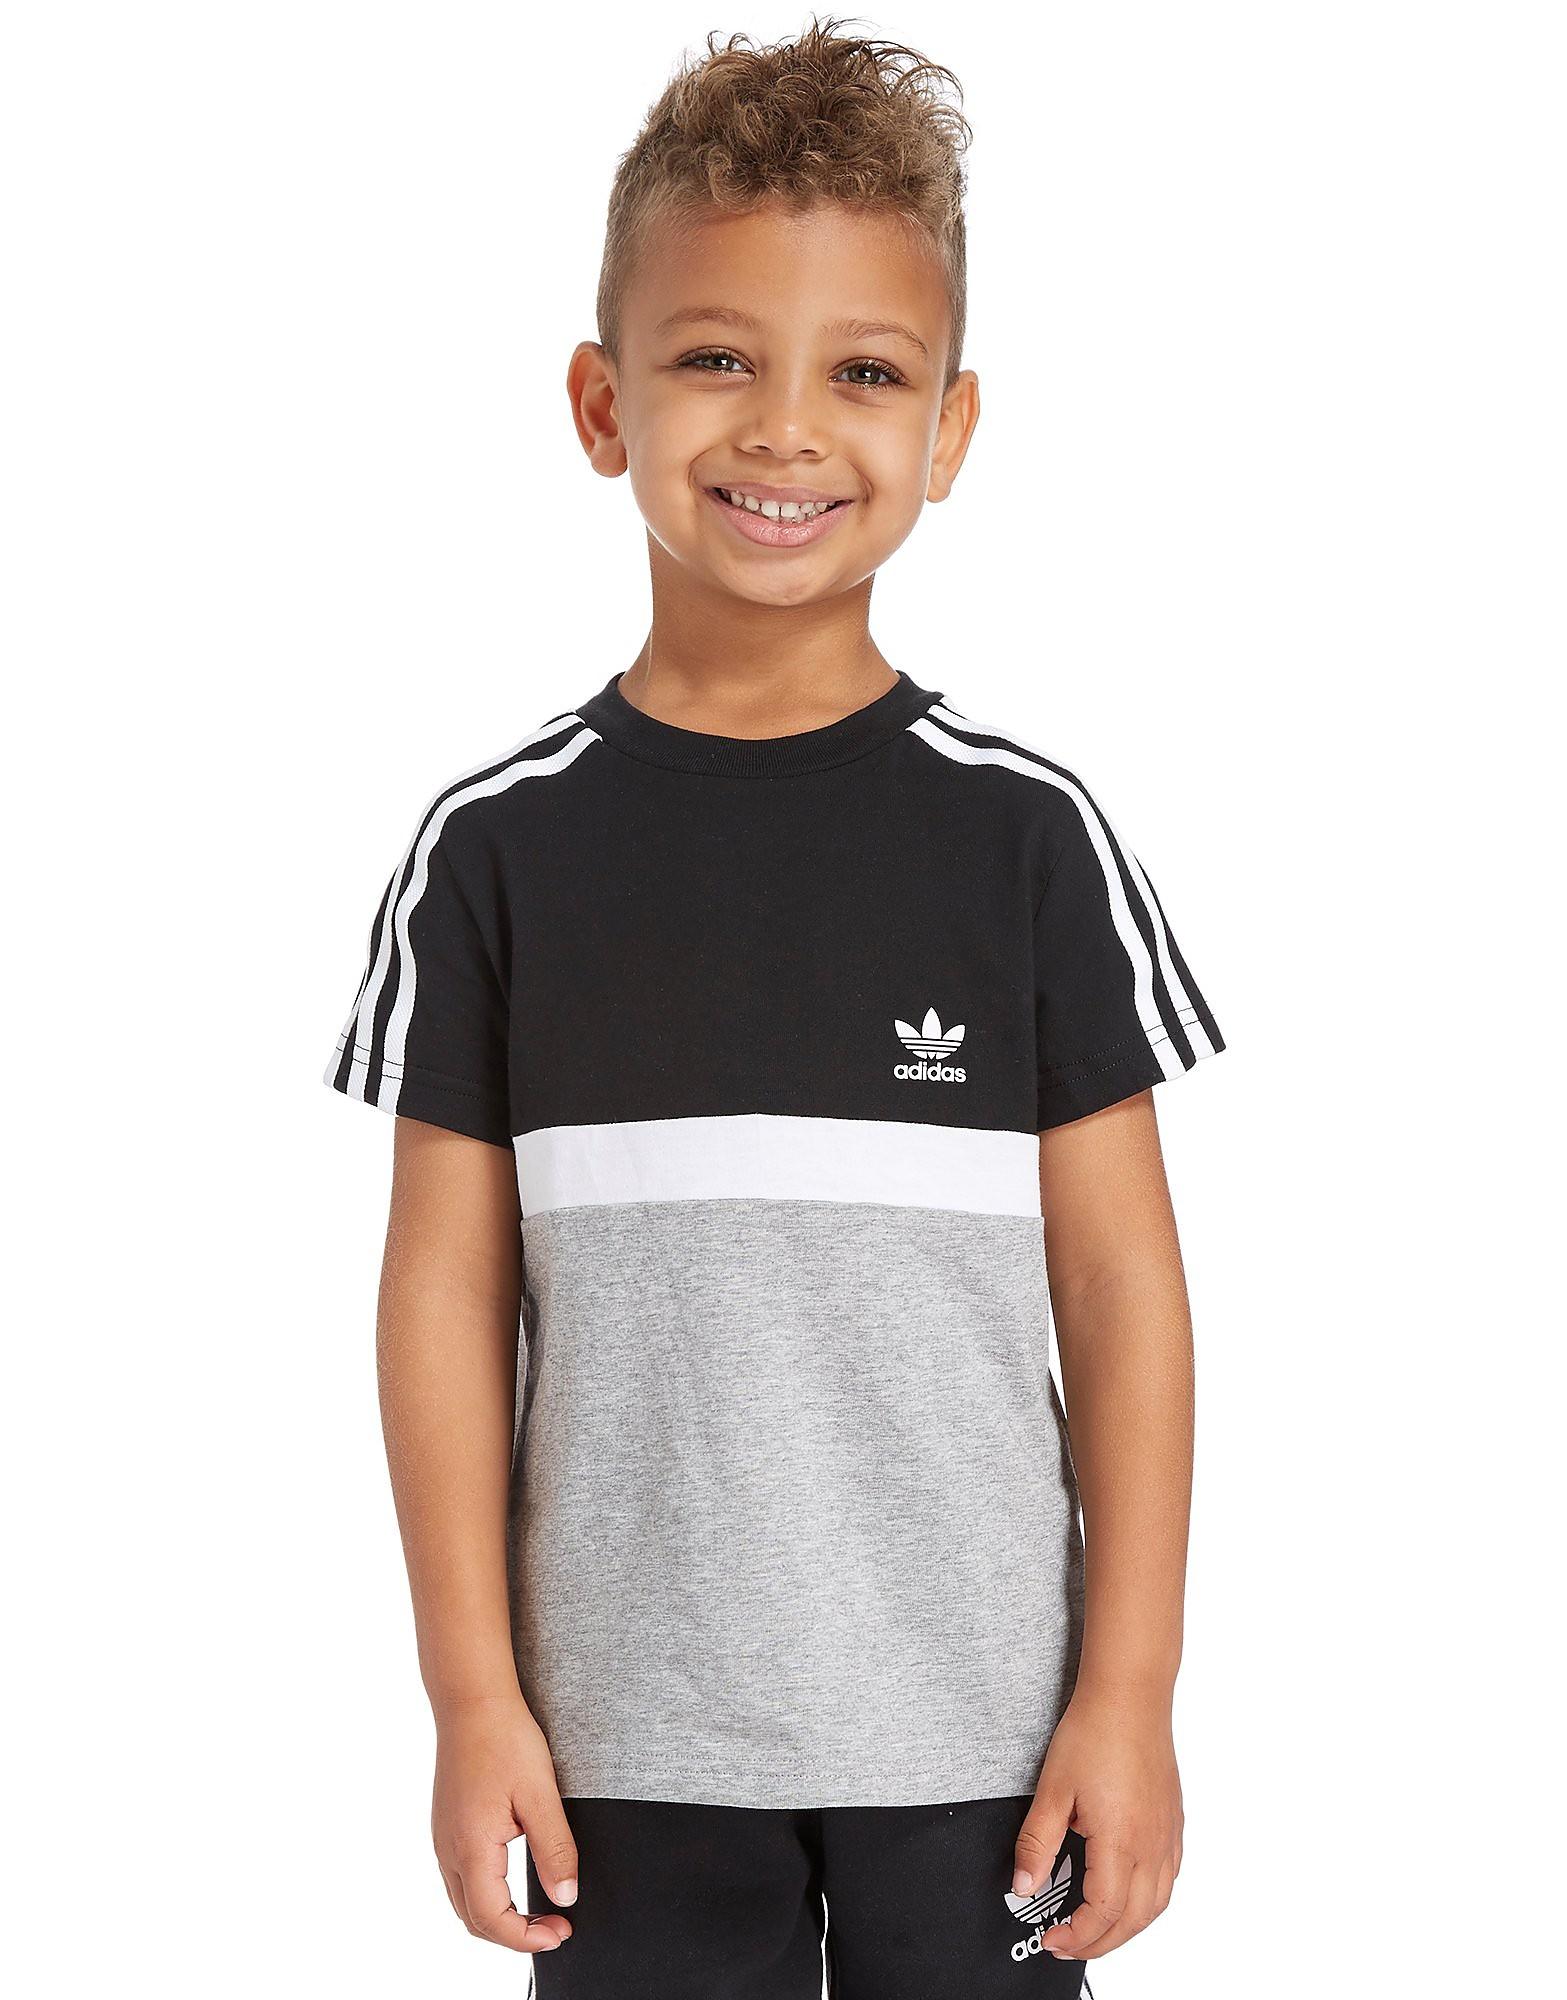 adidas Originals Itasca T-Shirt Children